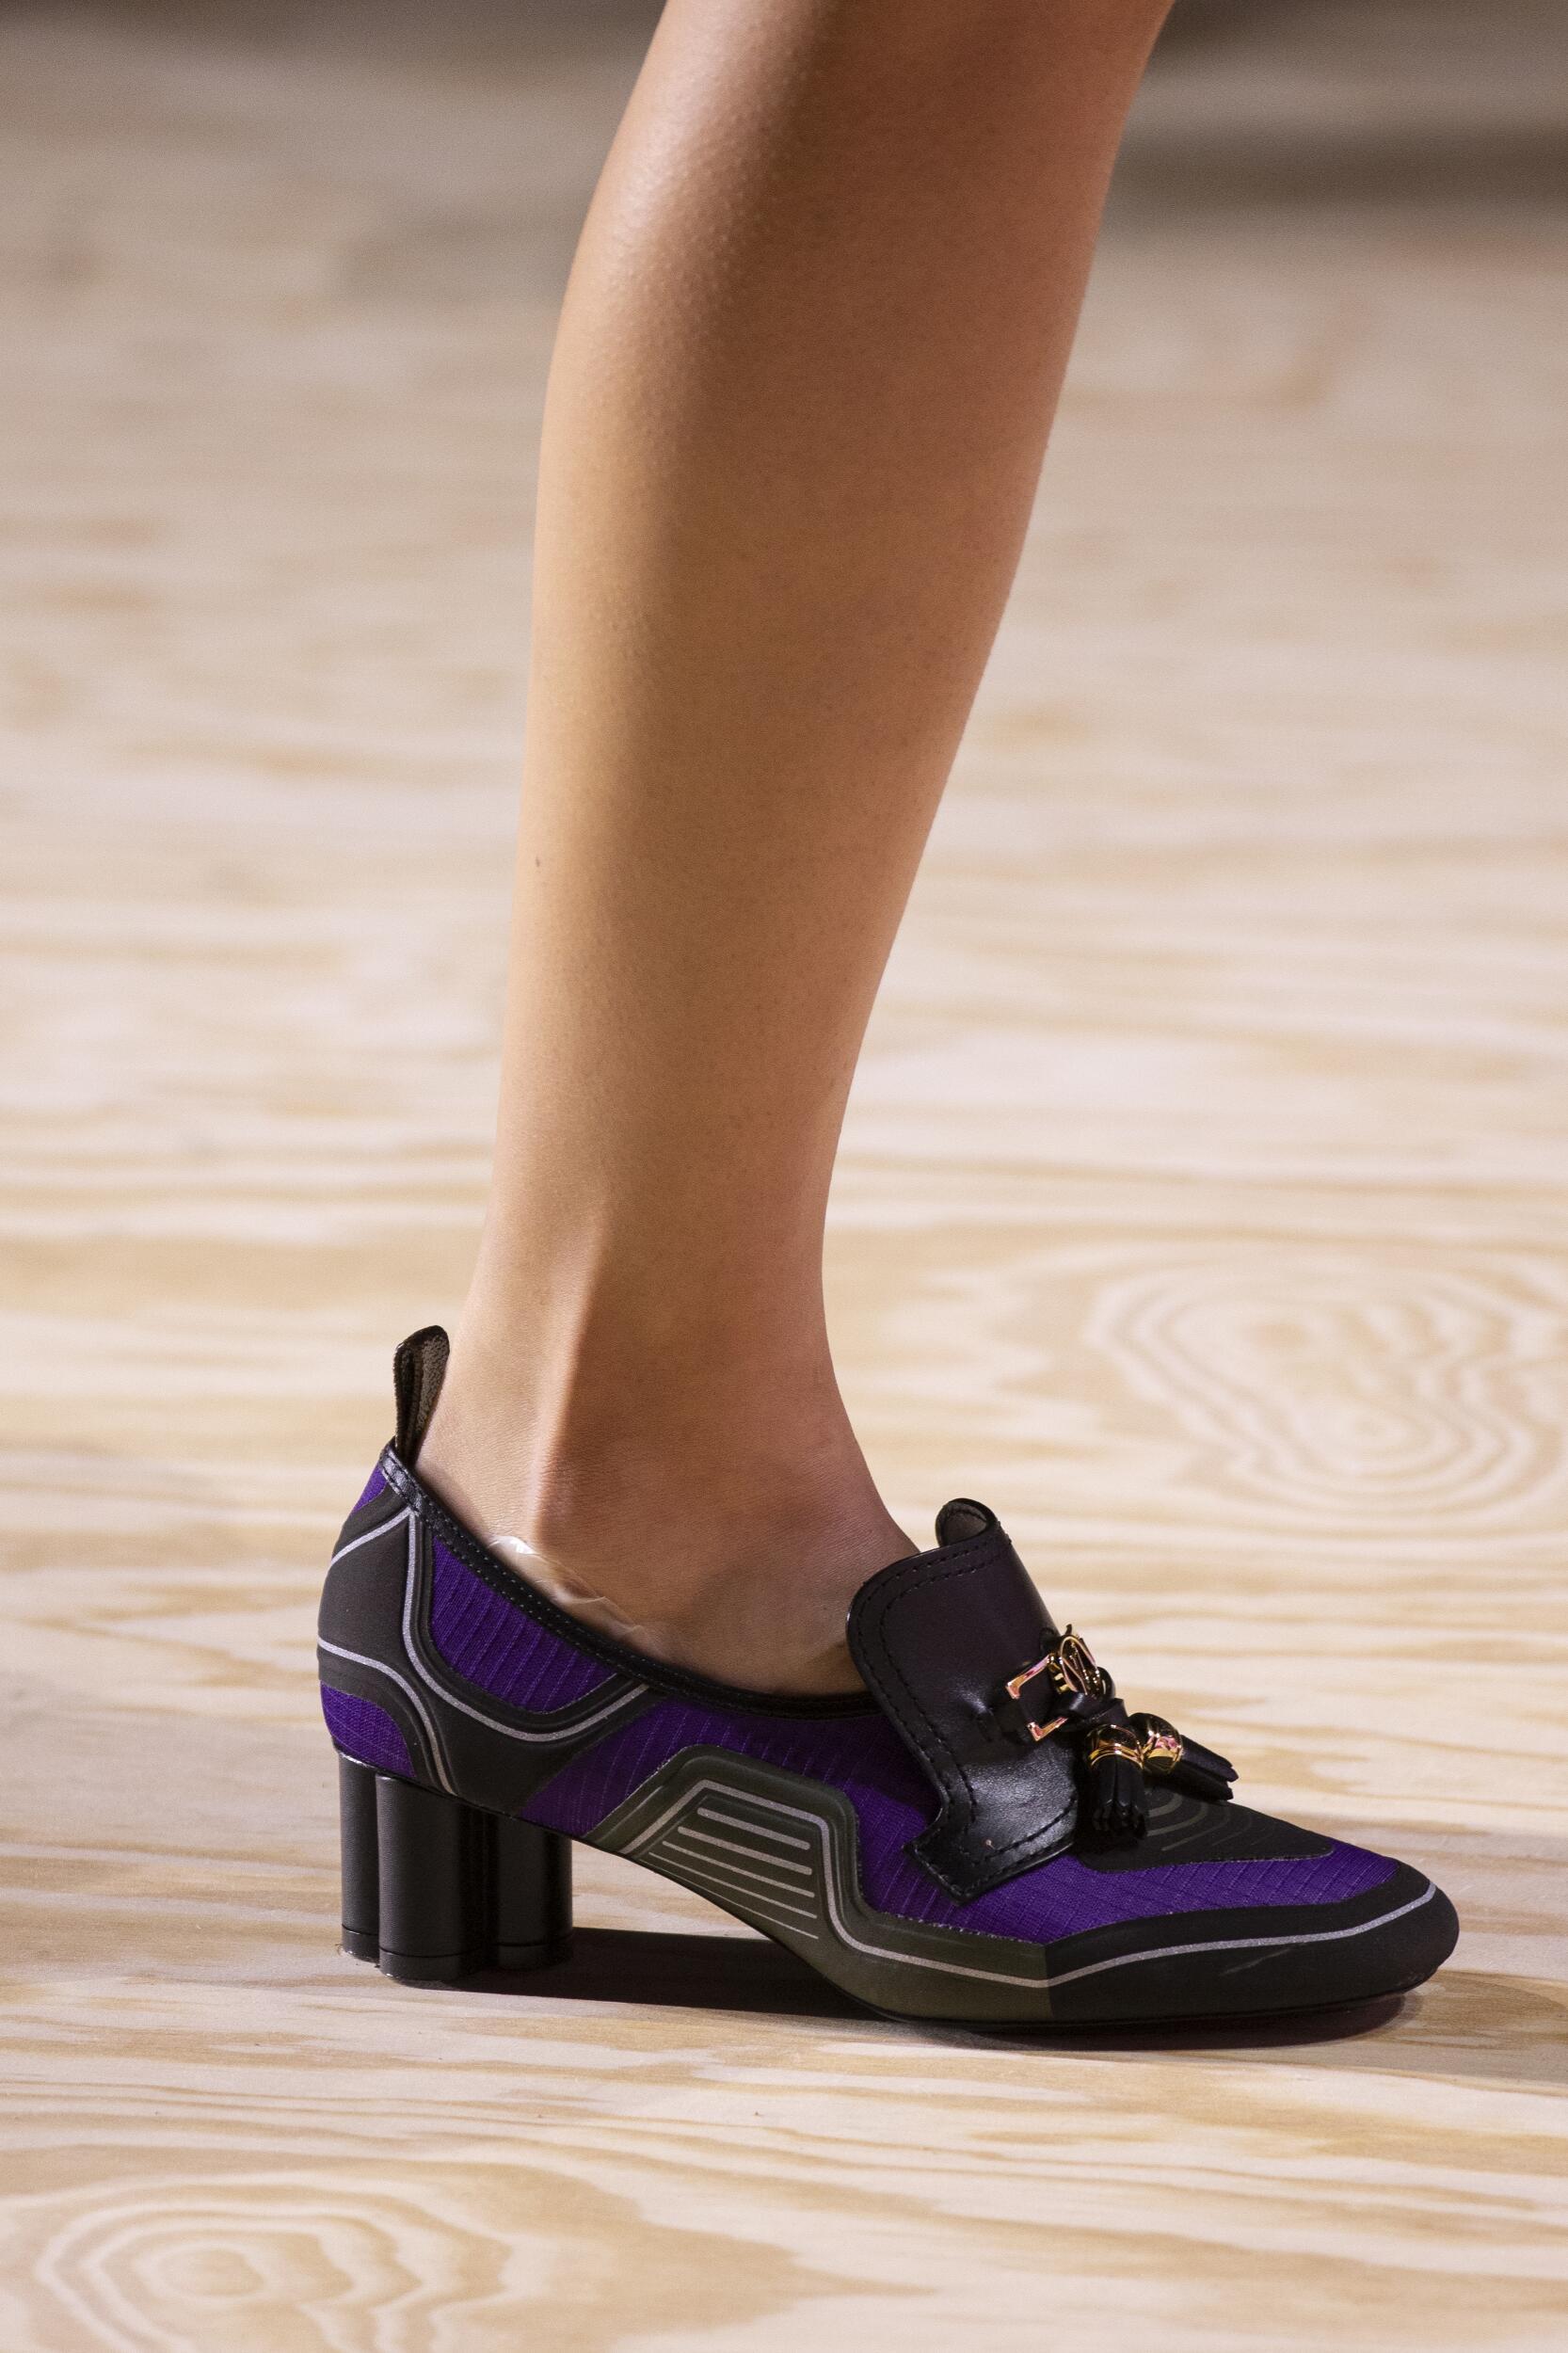 2020 Shoes Louis Vuitton Summer